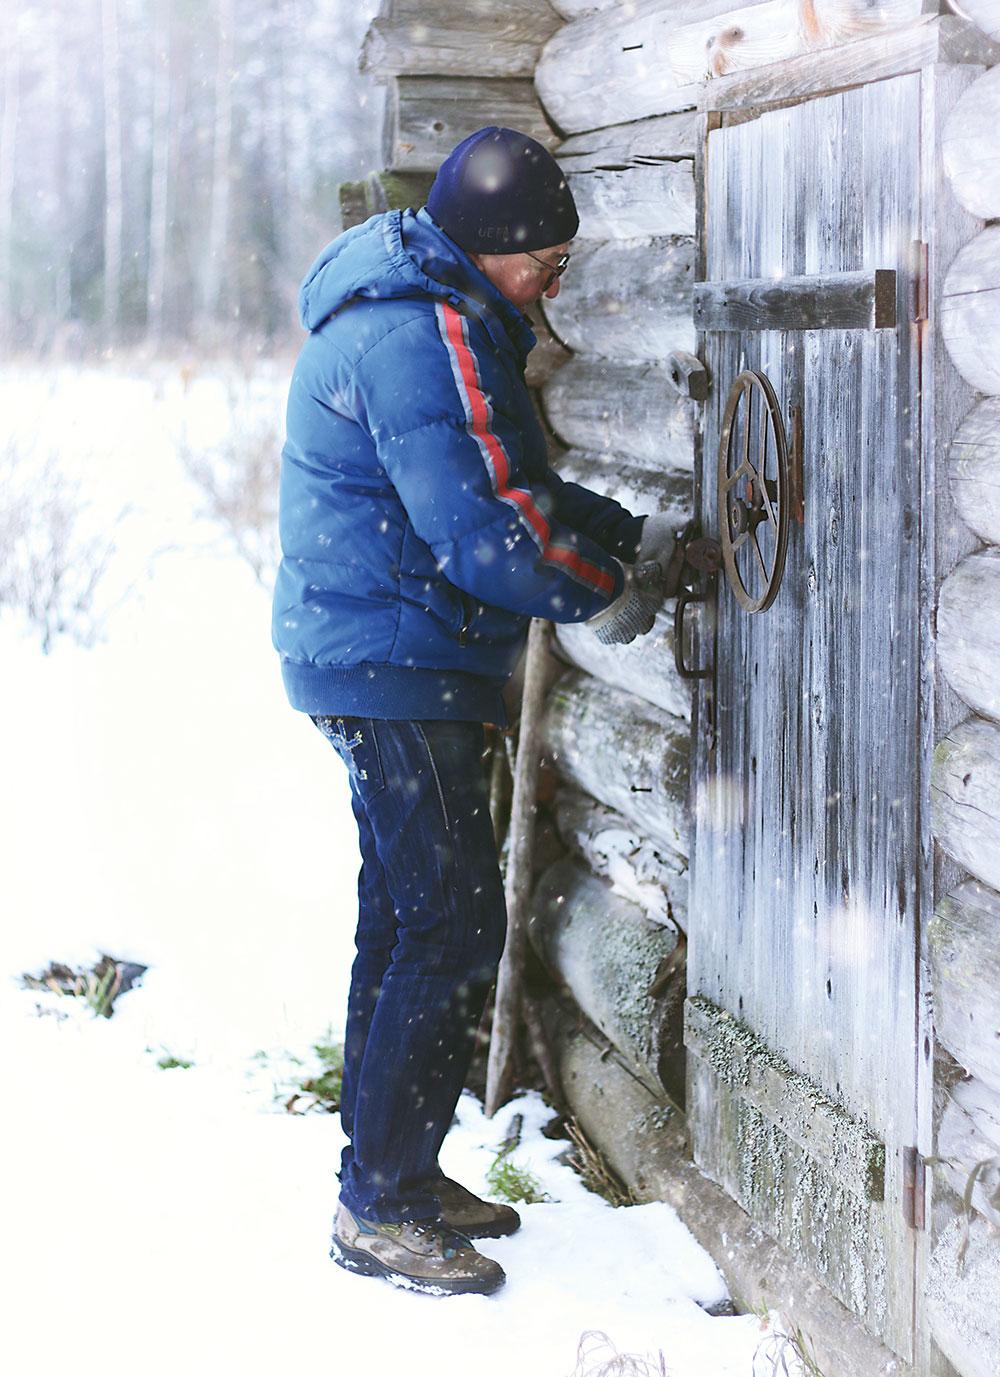 odomykanie zamrznutej zámky